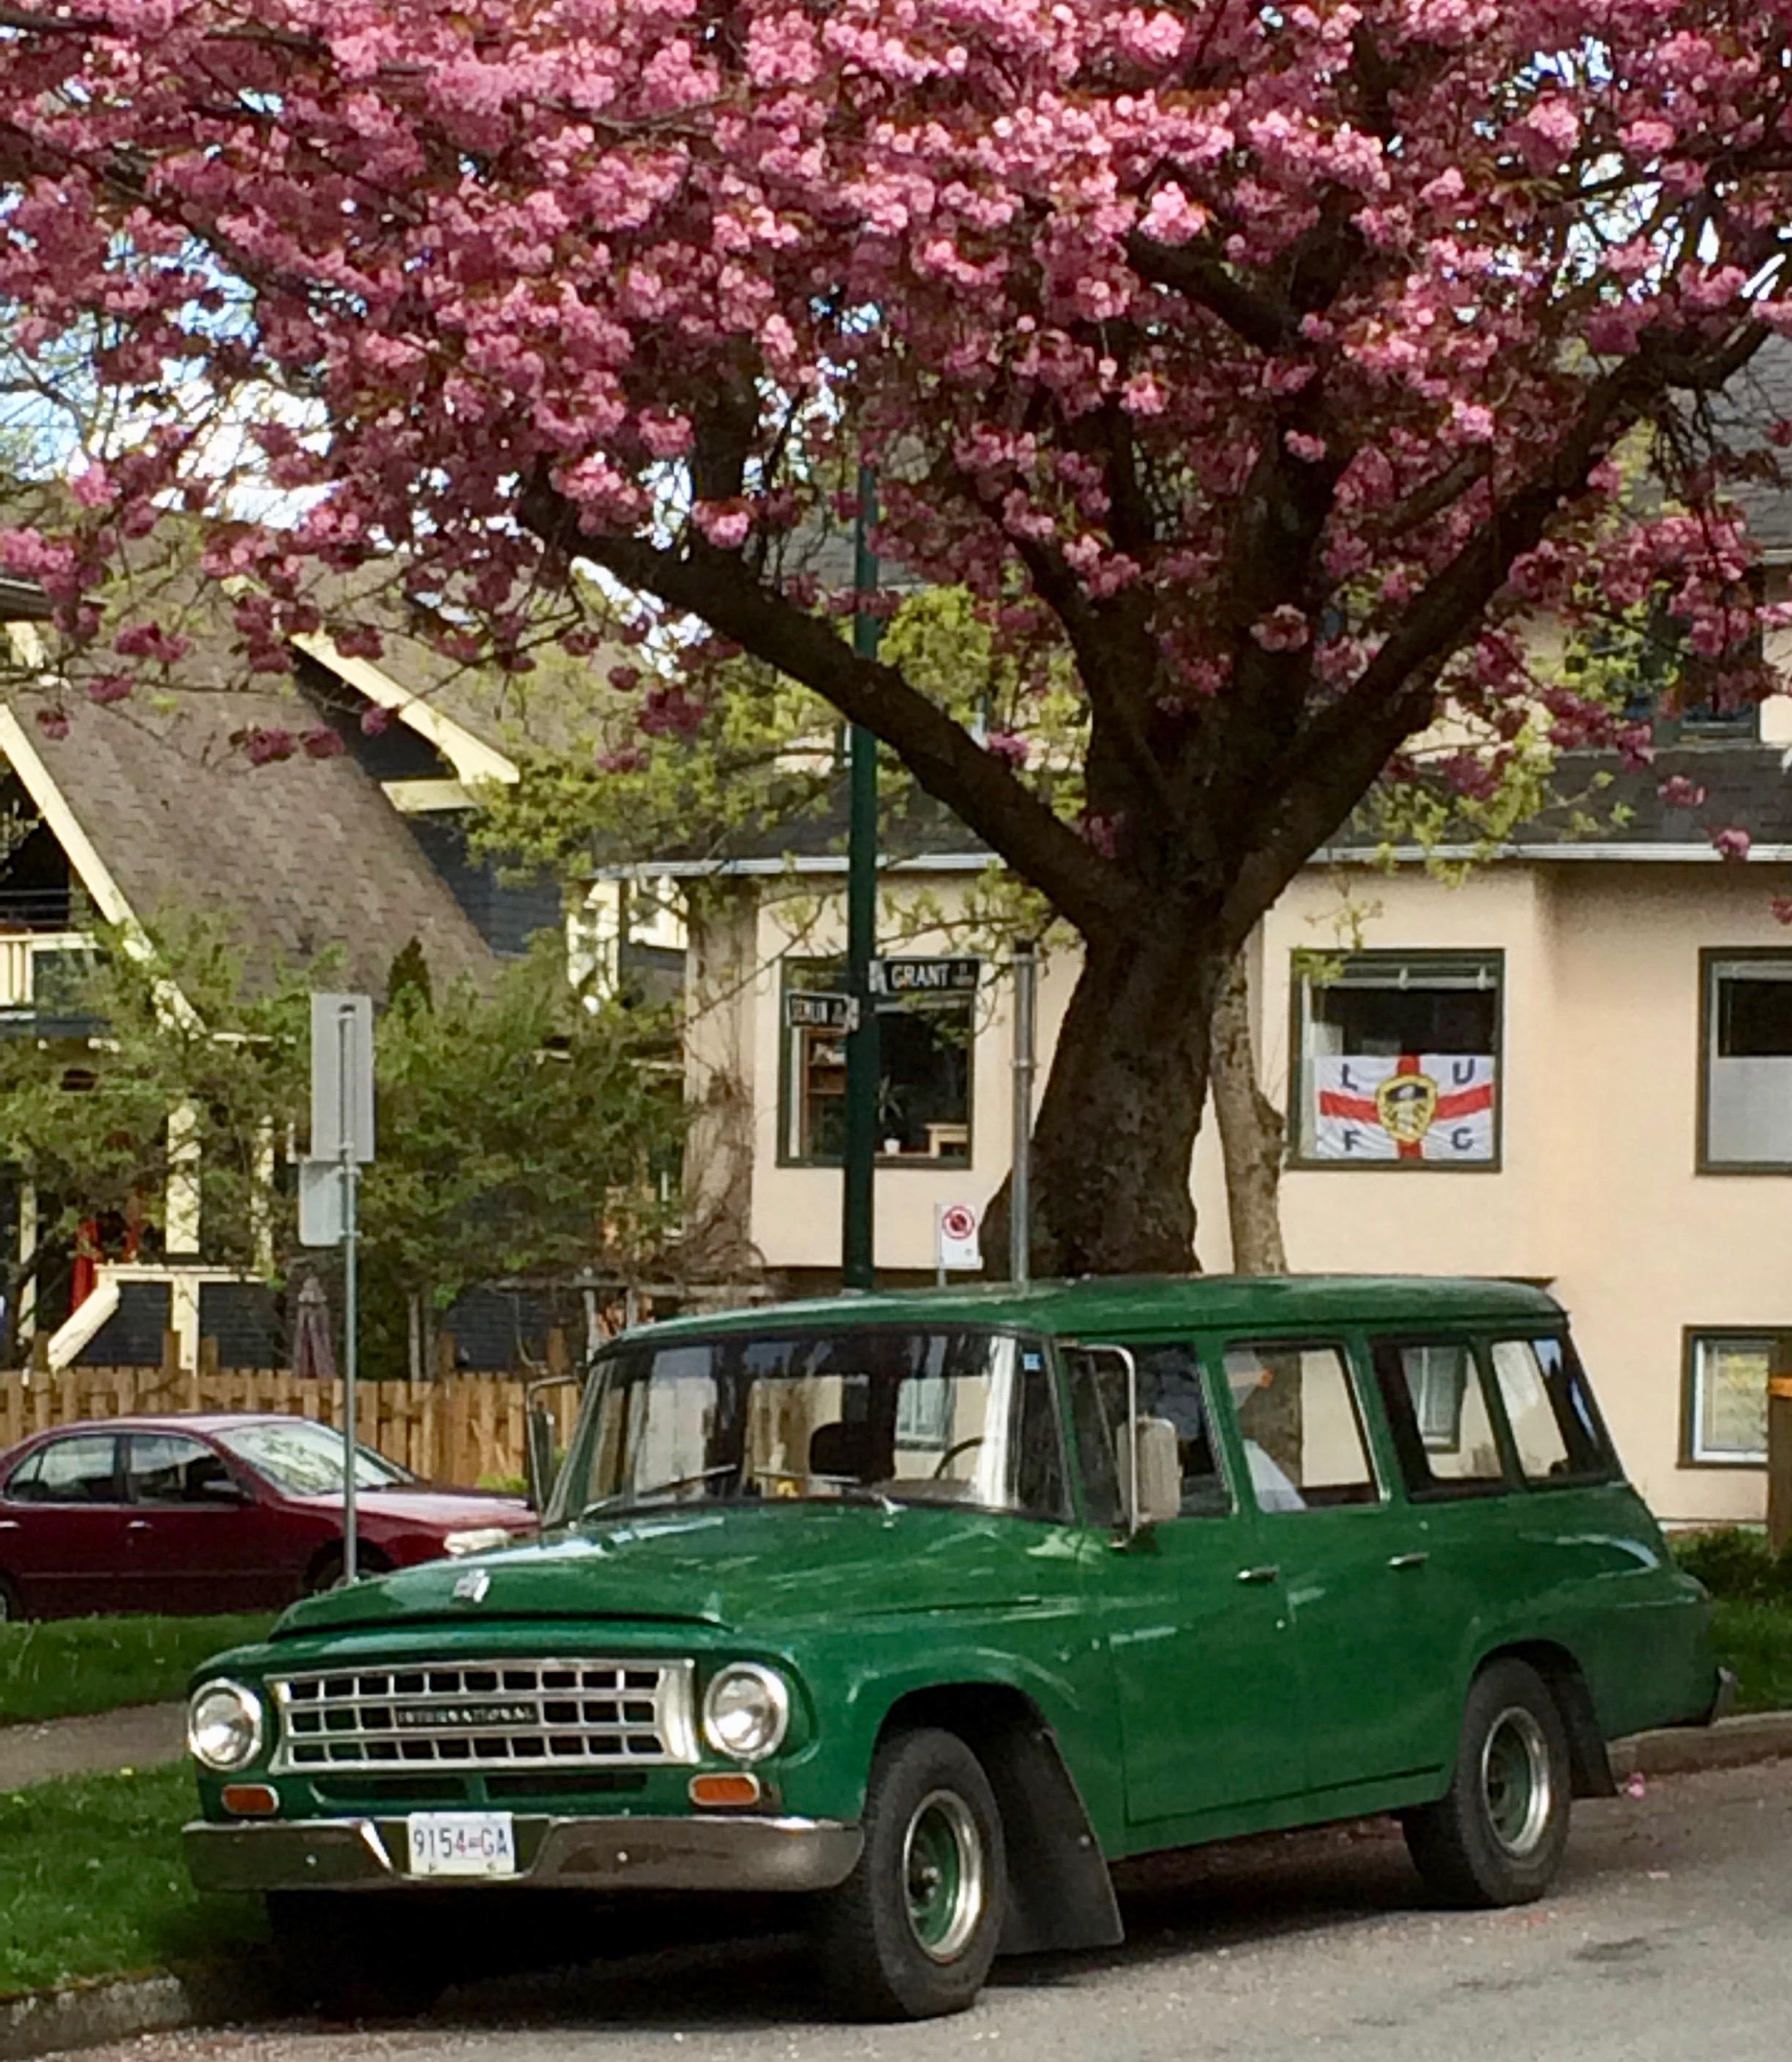 KJ's truck, a 1964 International Harvester Travelall, in forestry green